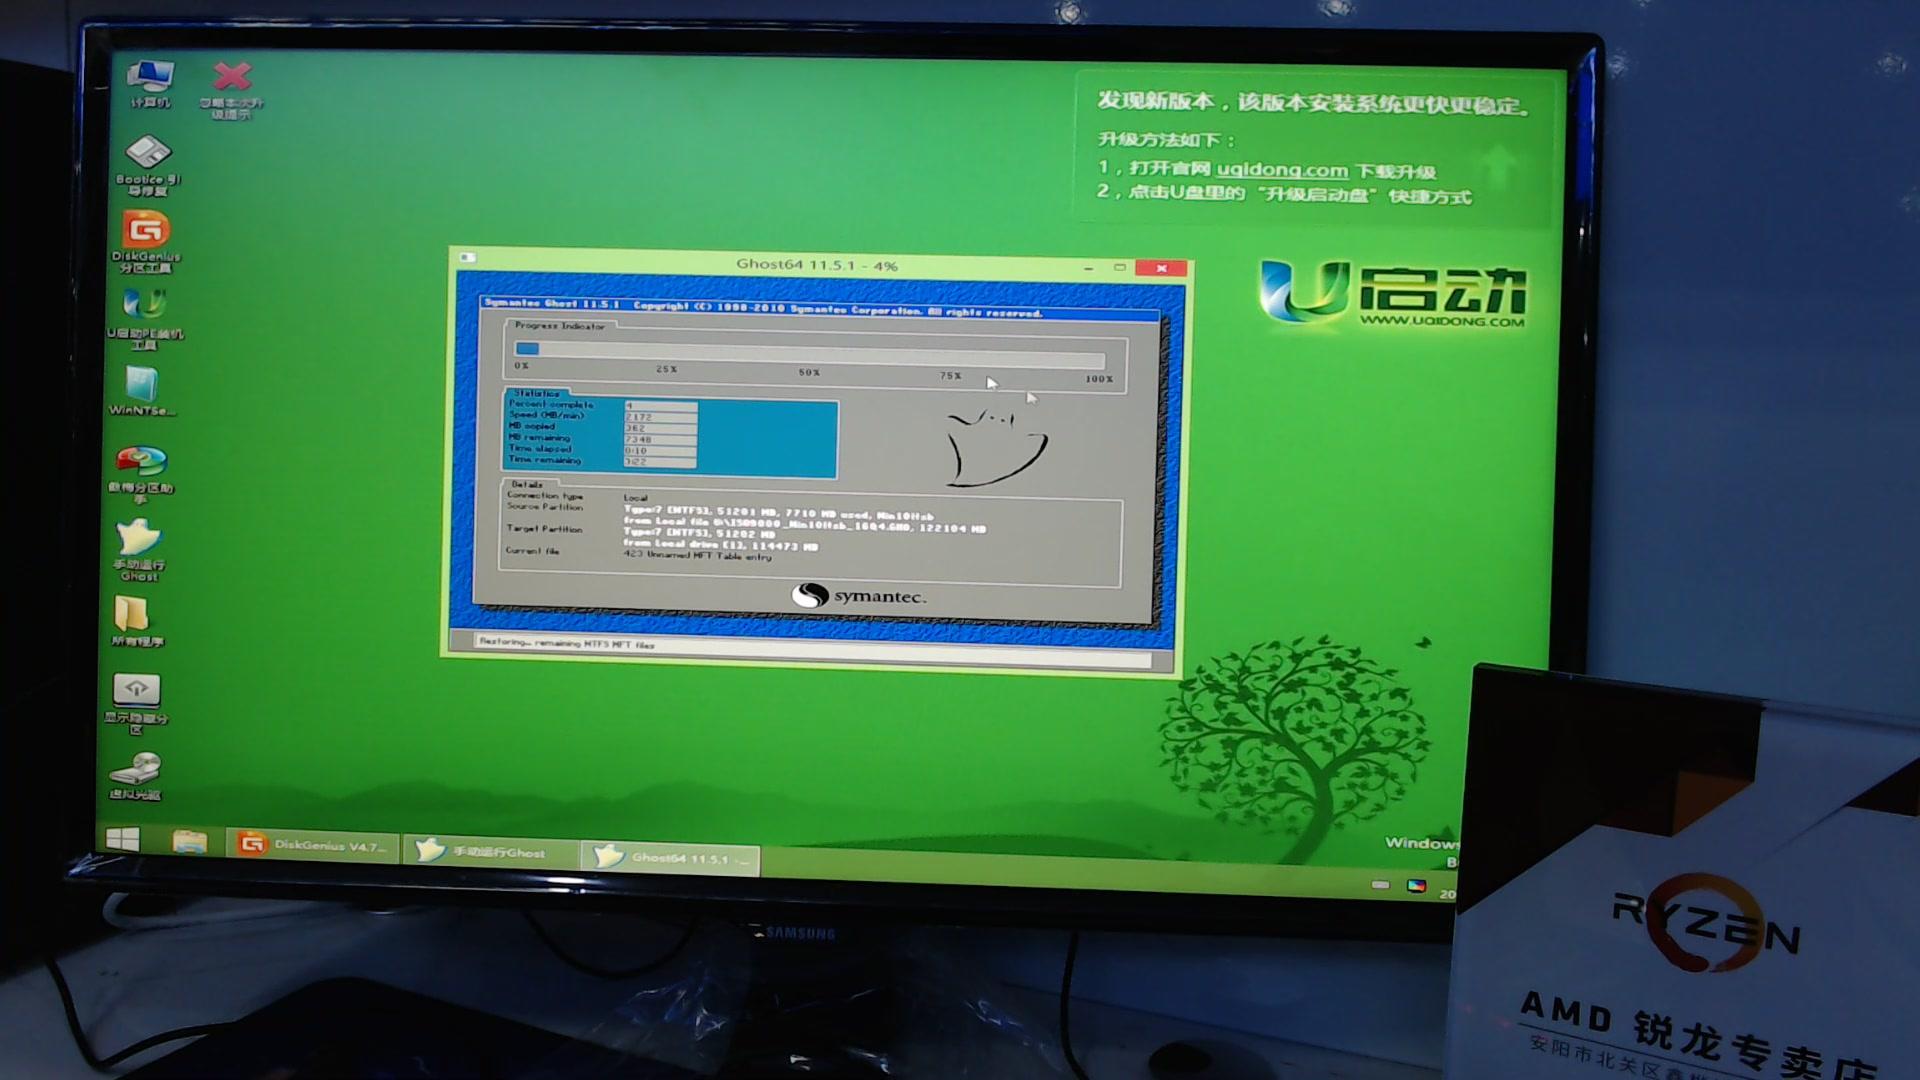 5分钟做好系统之u盘启动pe下恢复xp win7 win10镜像